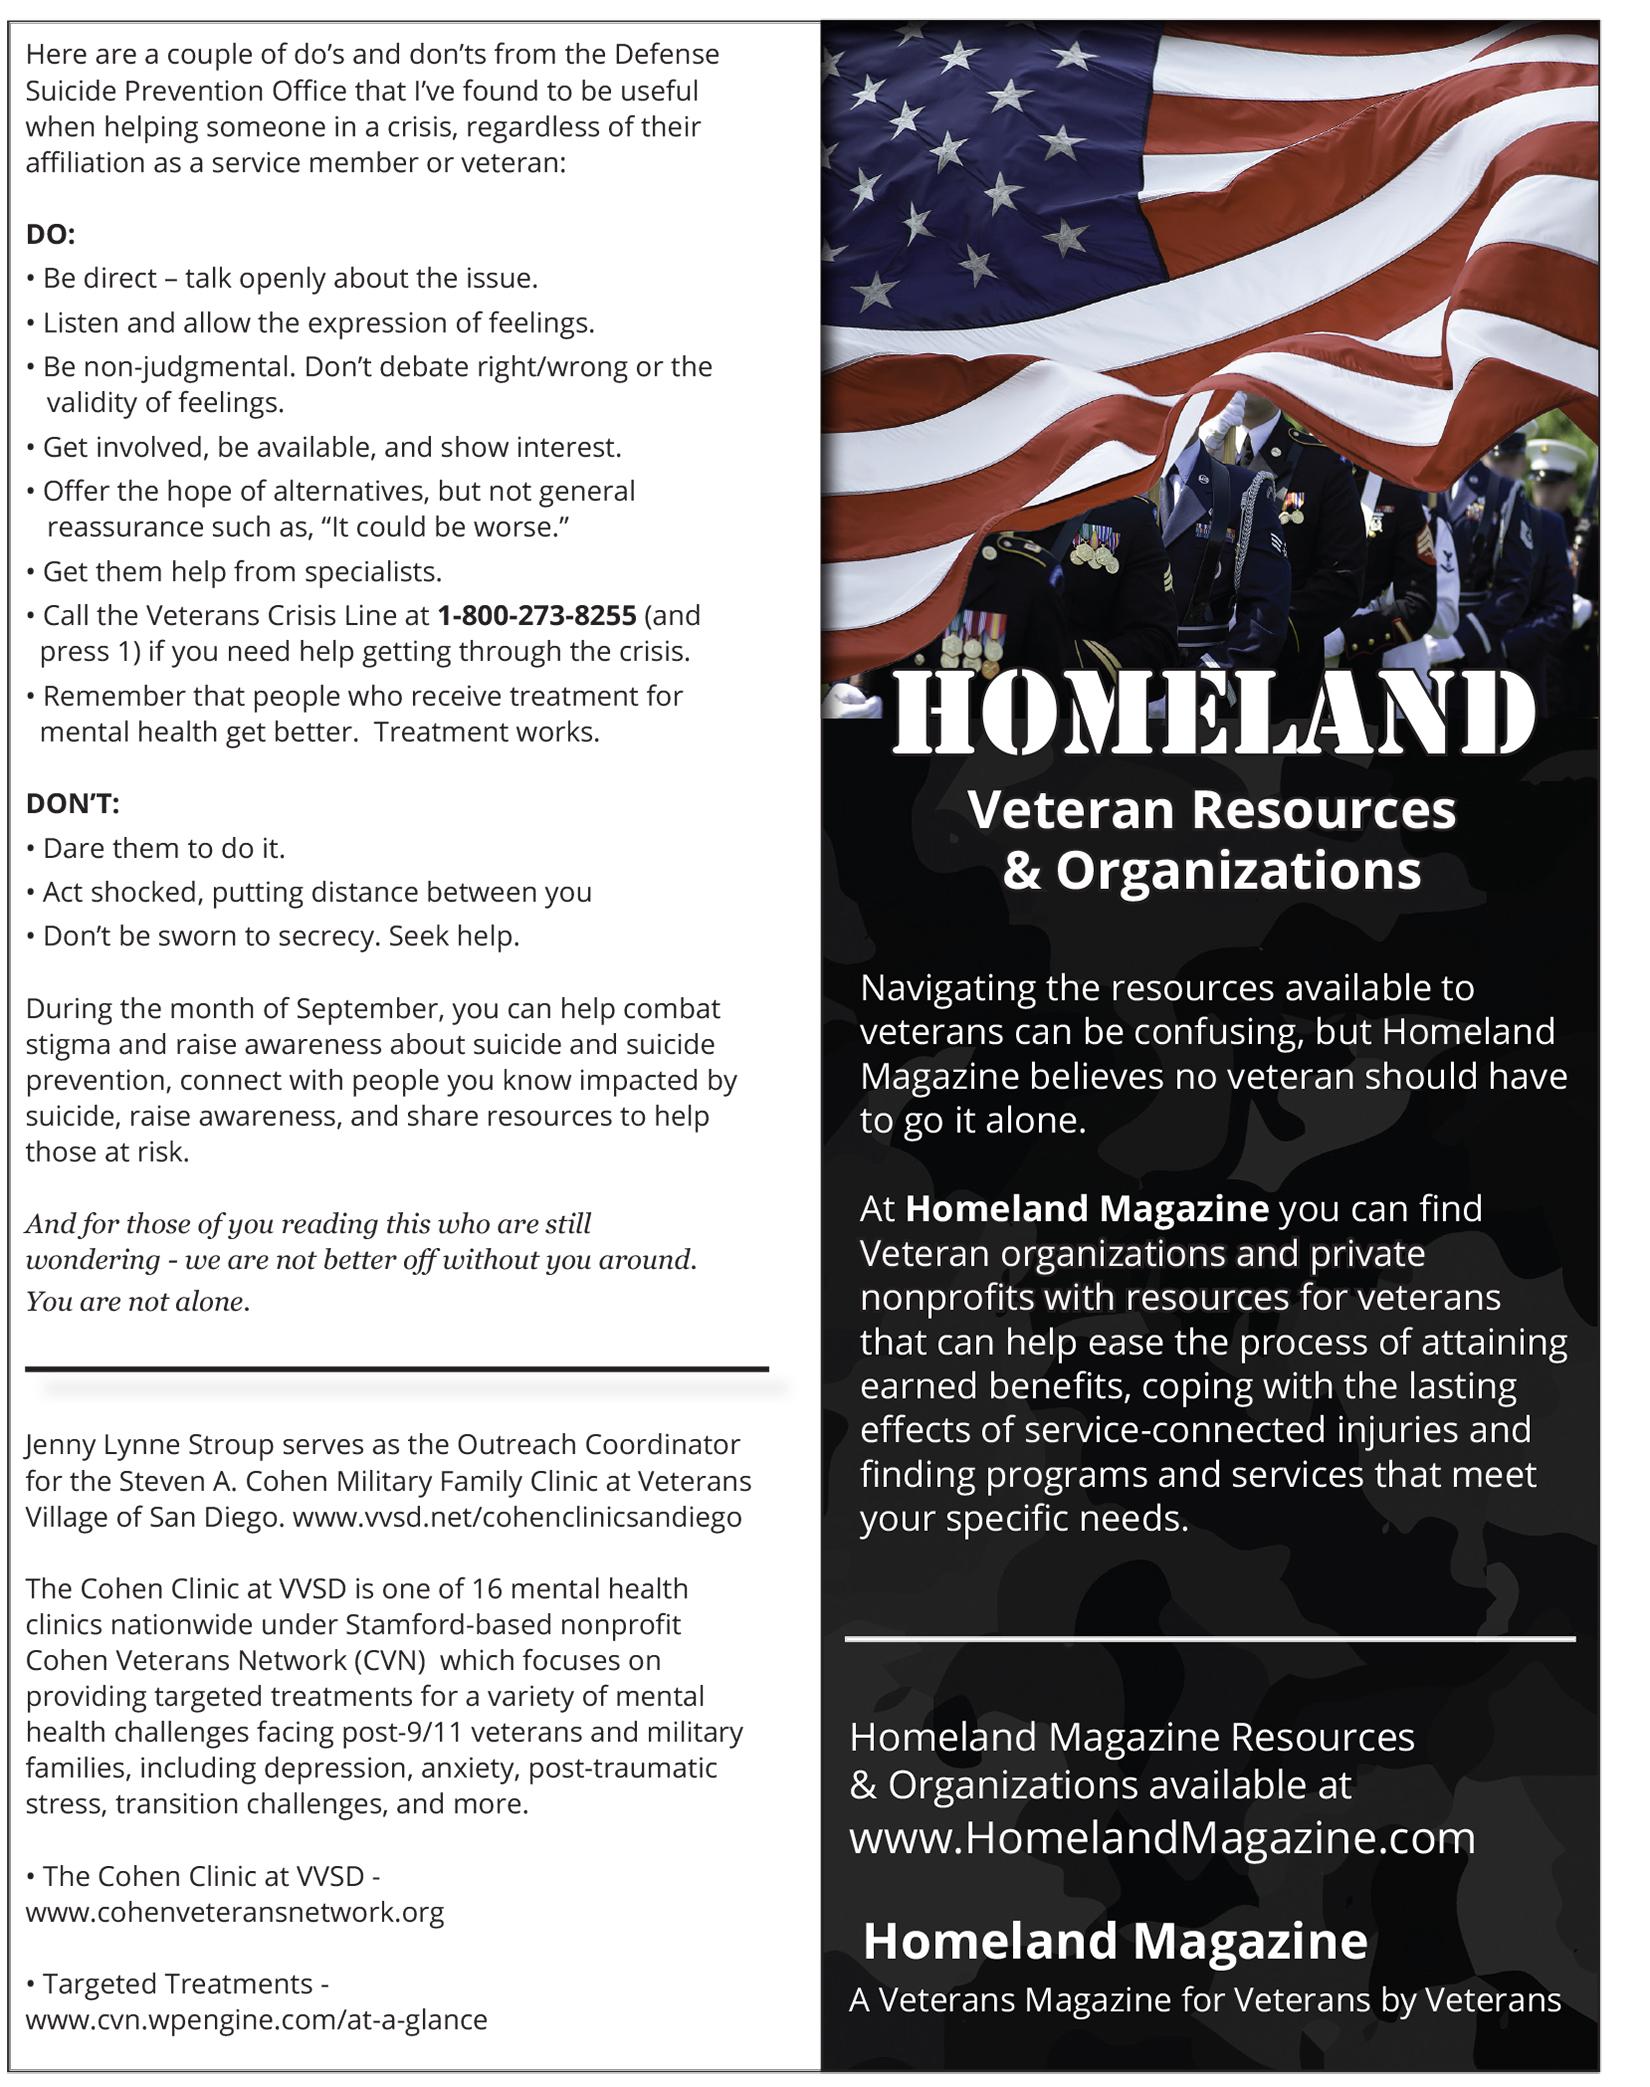 https://homelandmagazine.com/wp-content/uploads/2020/09/31.jpg